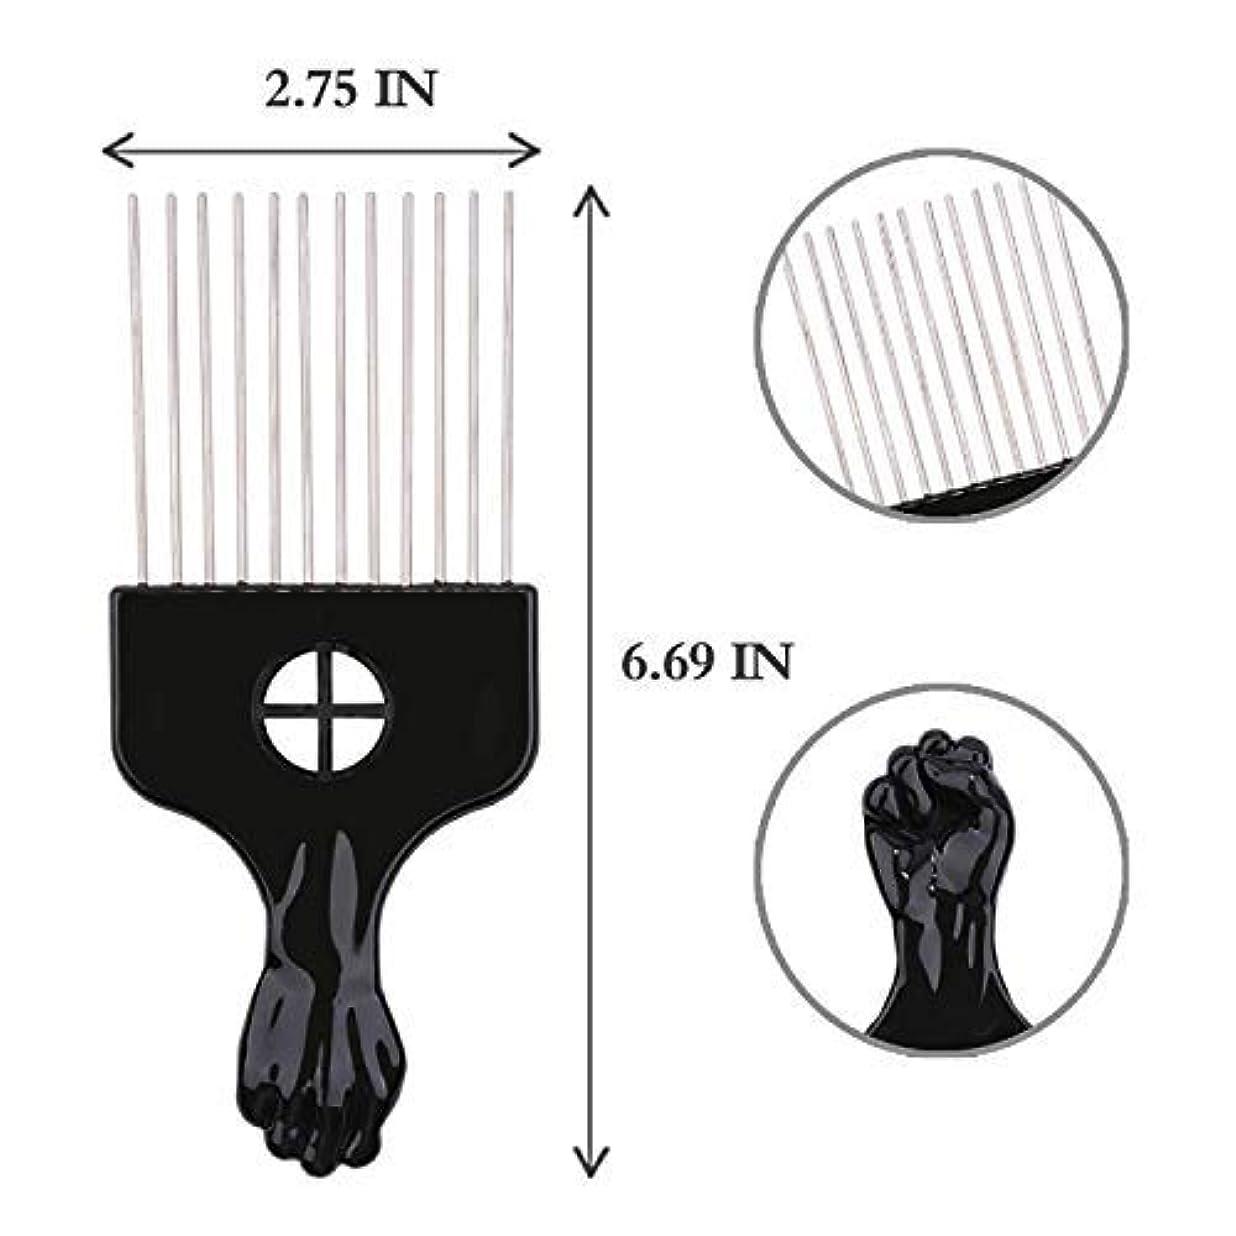 硬い原子炉マンモスAfro Hair Pik - Afro Styling Pick, Metal #2410: Untangle, Style, Lift (1 Pack), Hair style, lifts your hair, untangles hair, metal teeth, hair pick [並行輸入品]